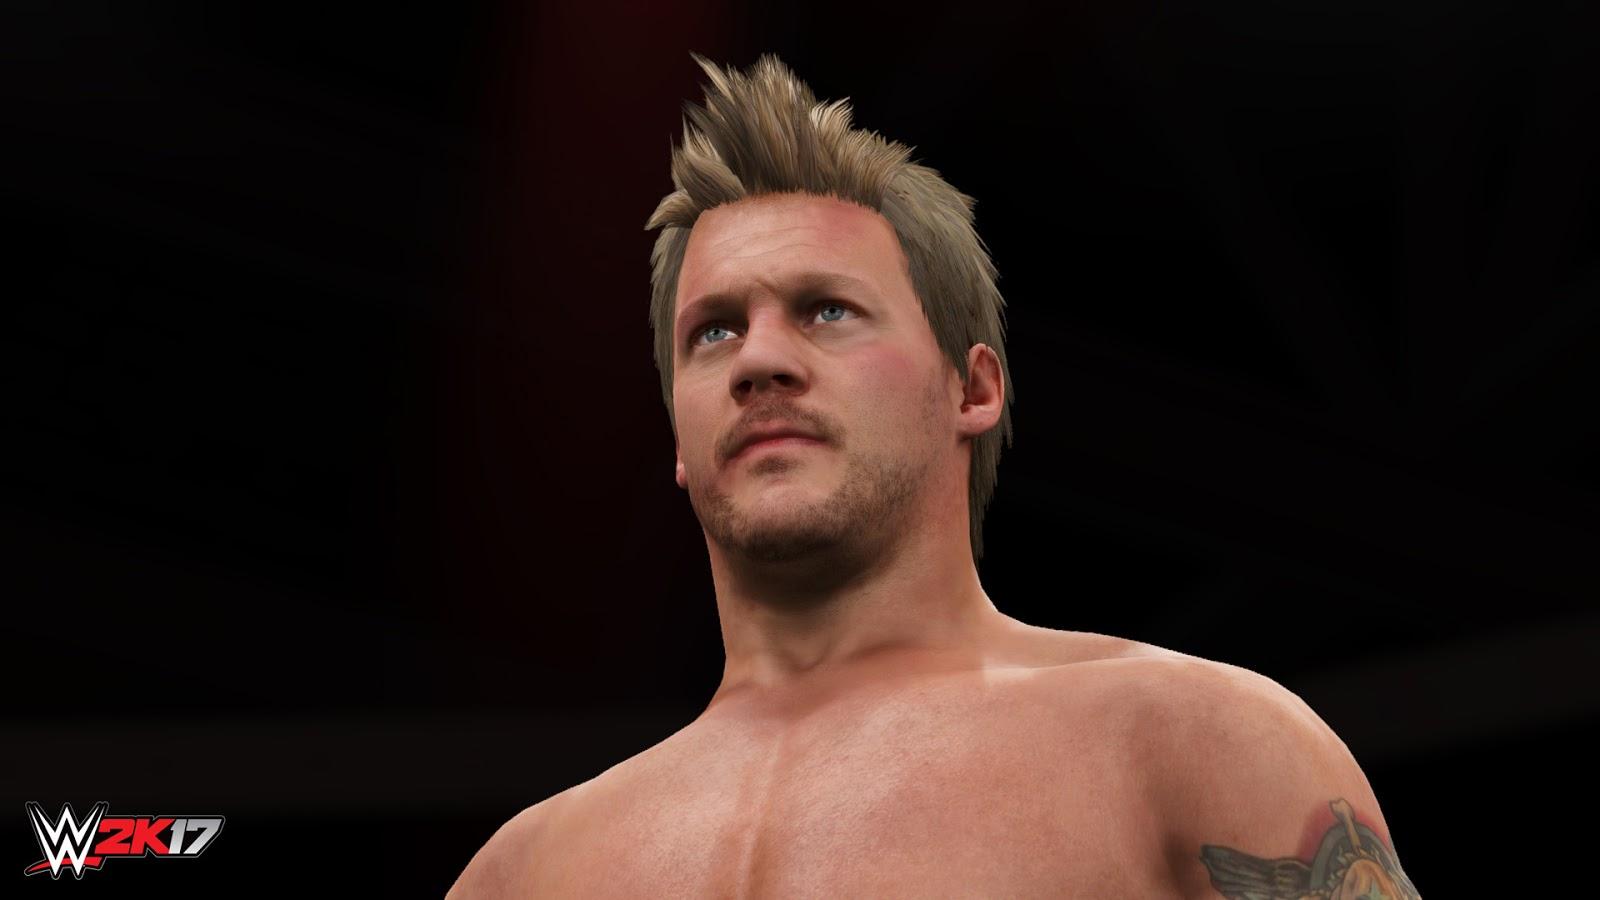 WWE 2K17 ESPAÑOL XBOX 360 Descargar (Región FREE) (PROTOCOL) 3